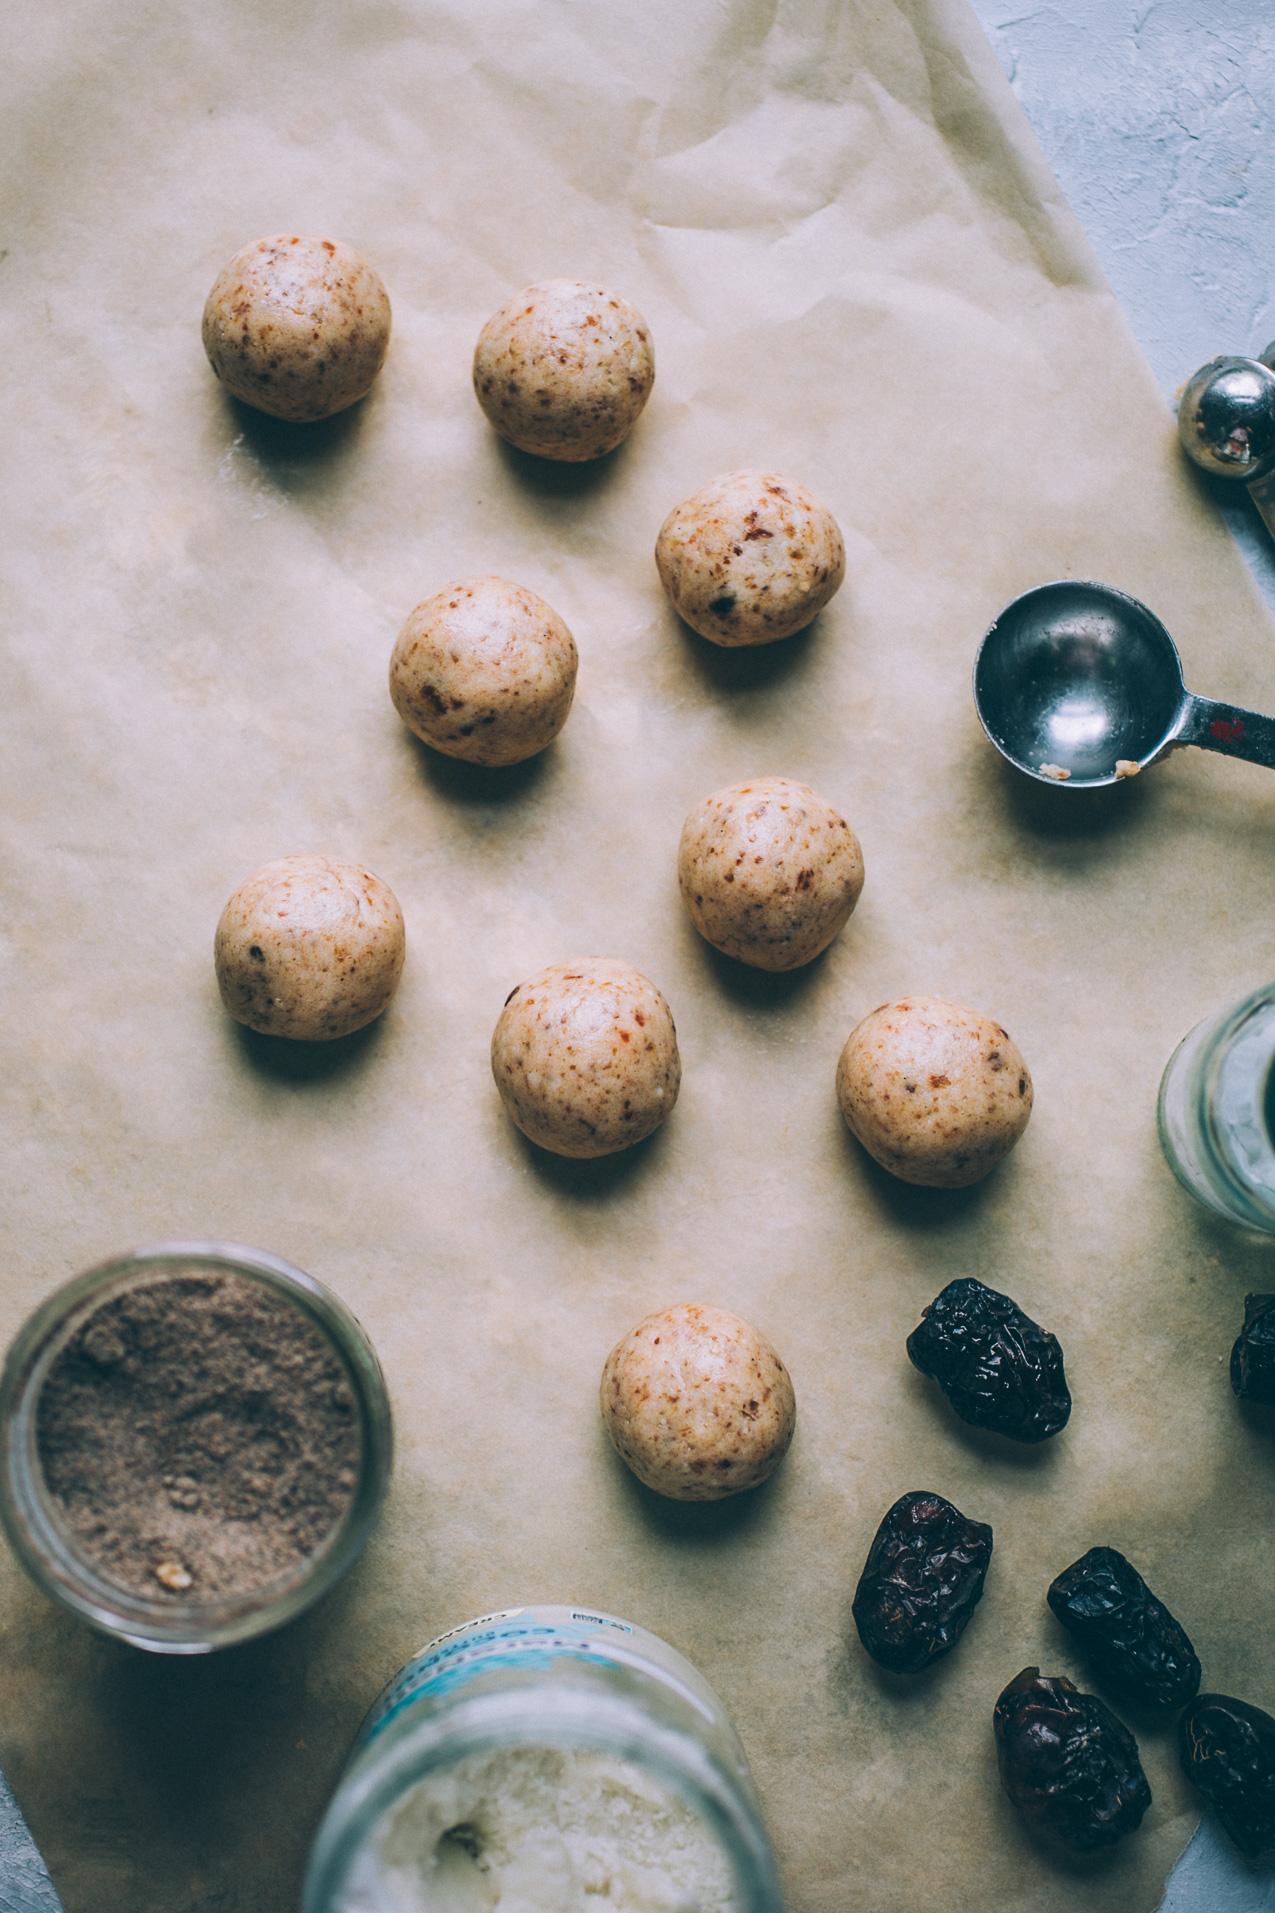 coconut-butter-cardamom-bites-3465.jpg